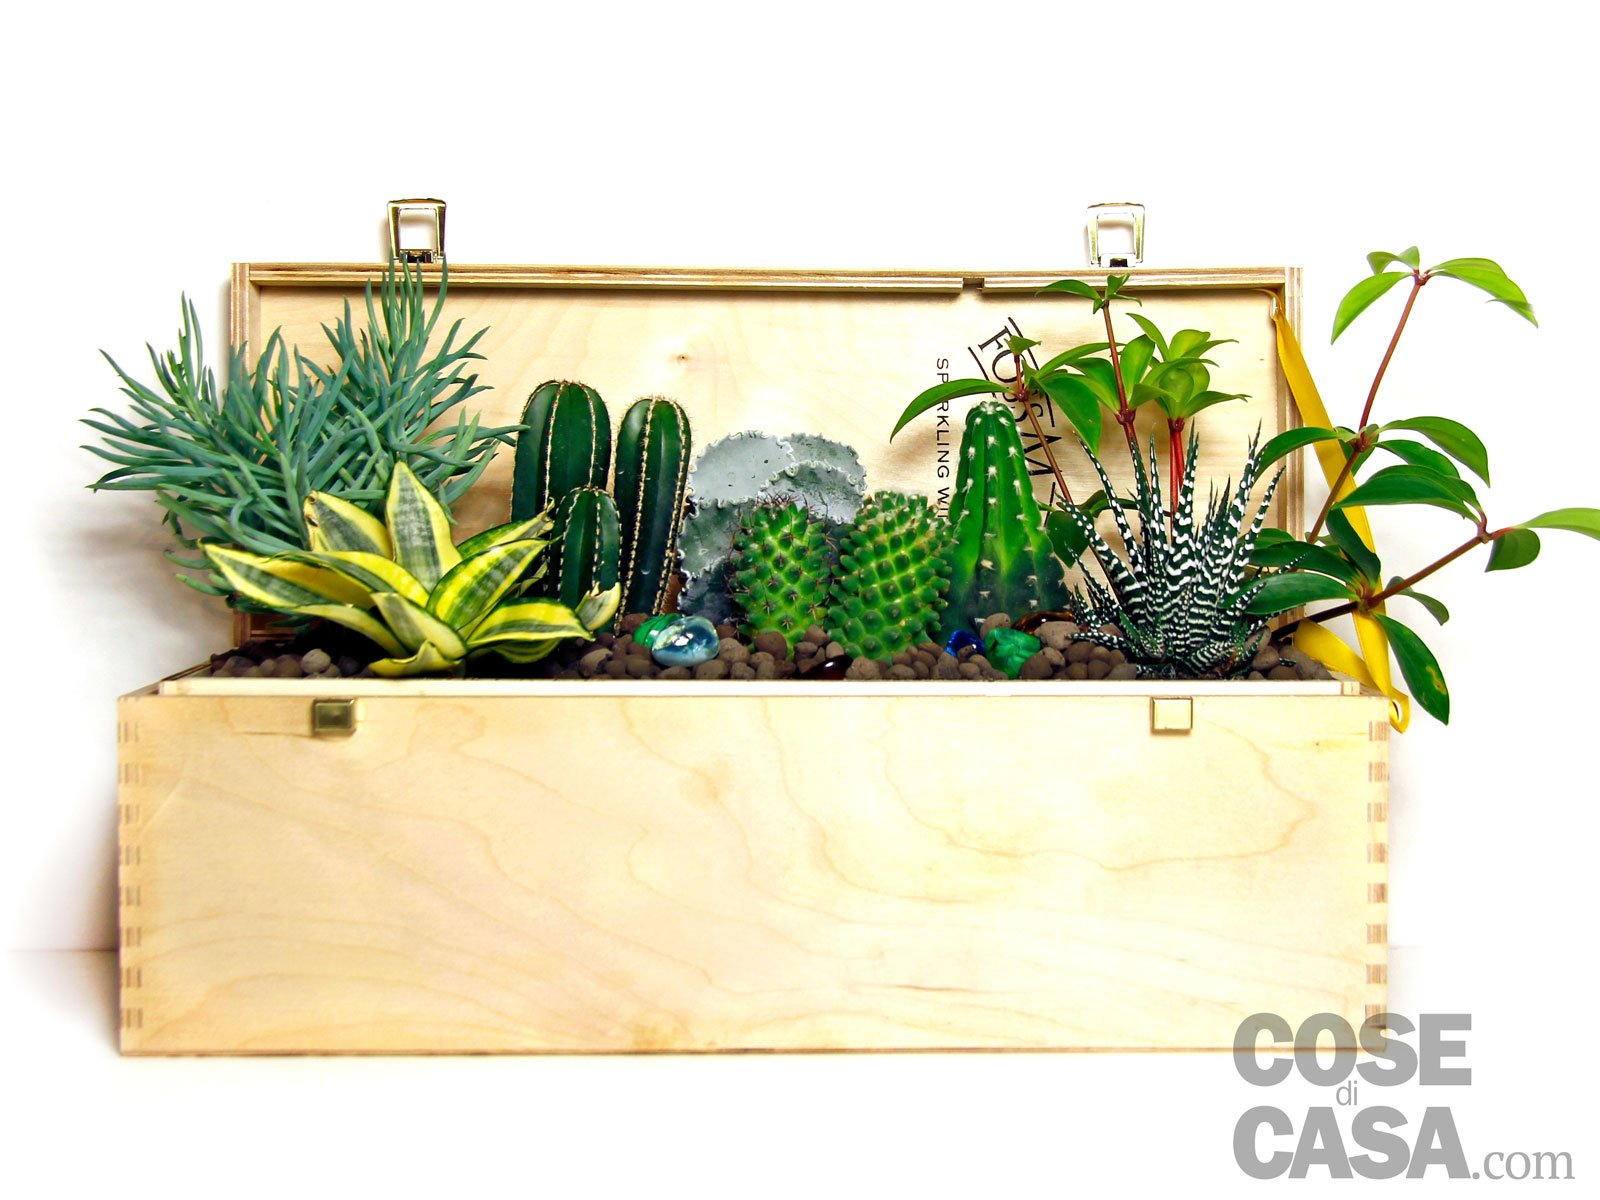 Piante grasse una composizione facile cose di casa for Creare cose in casa